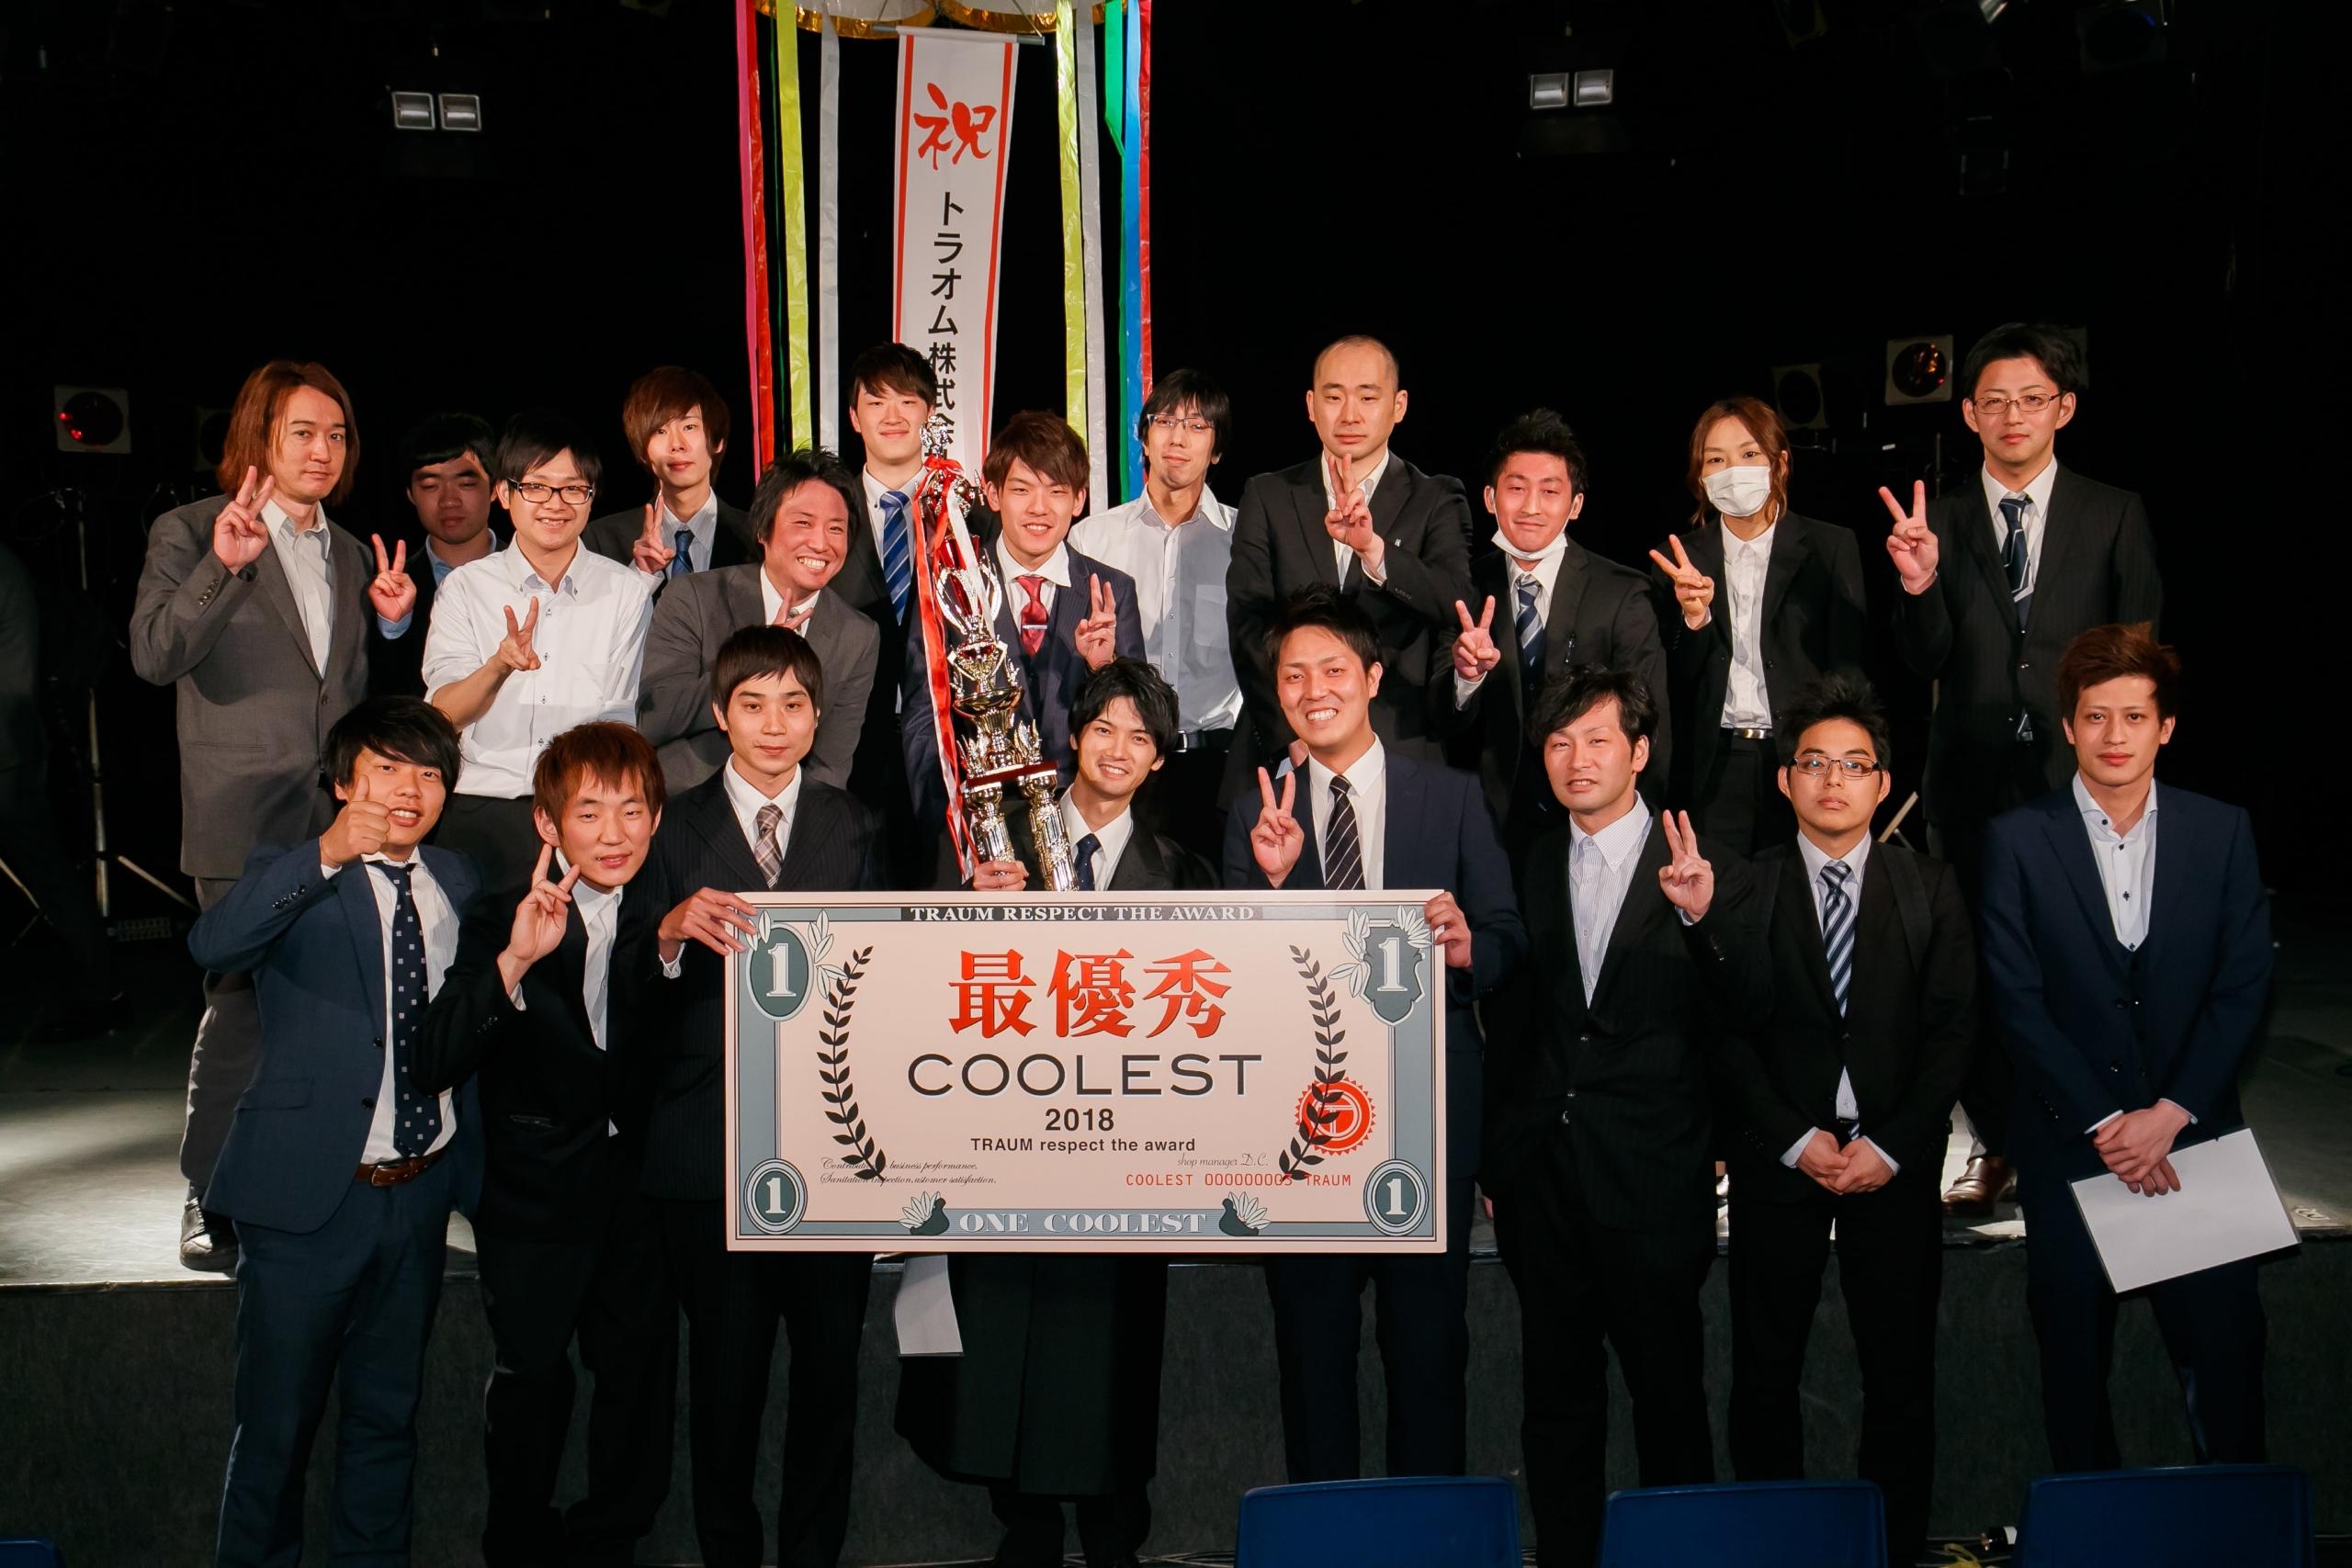 トラオム株式会社/TRAUM COOLEST in OSAKA(2019)